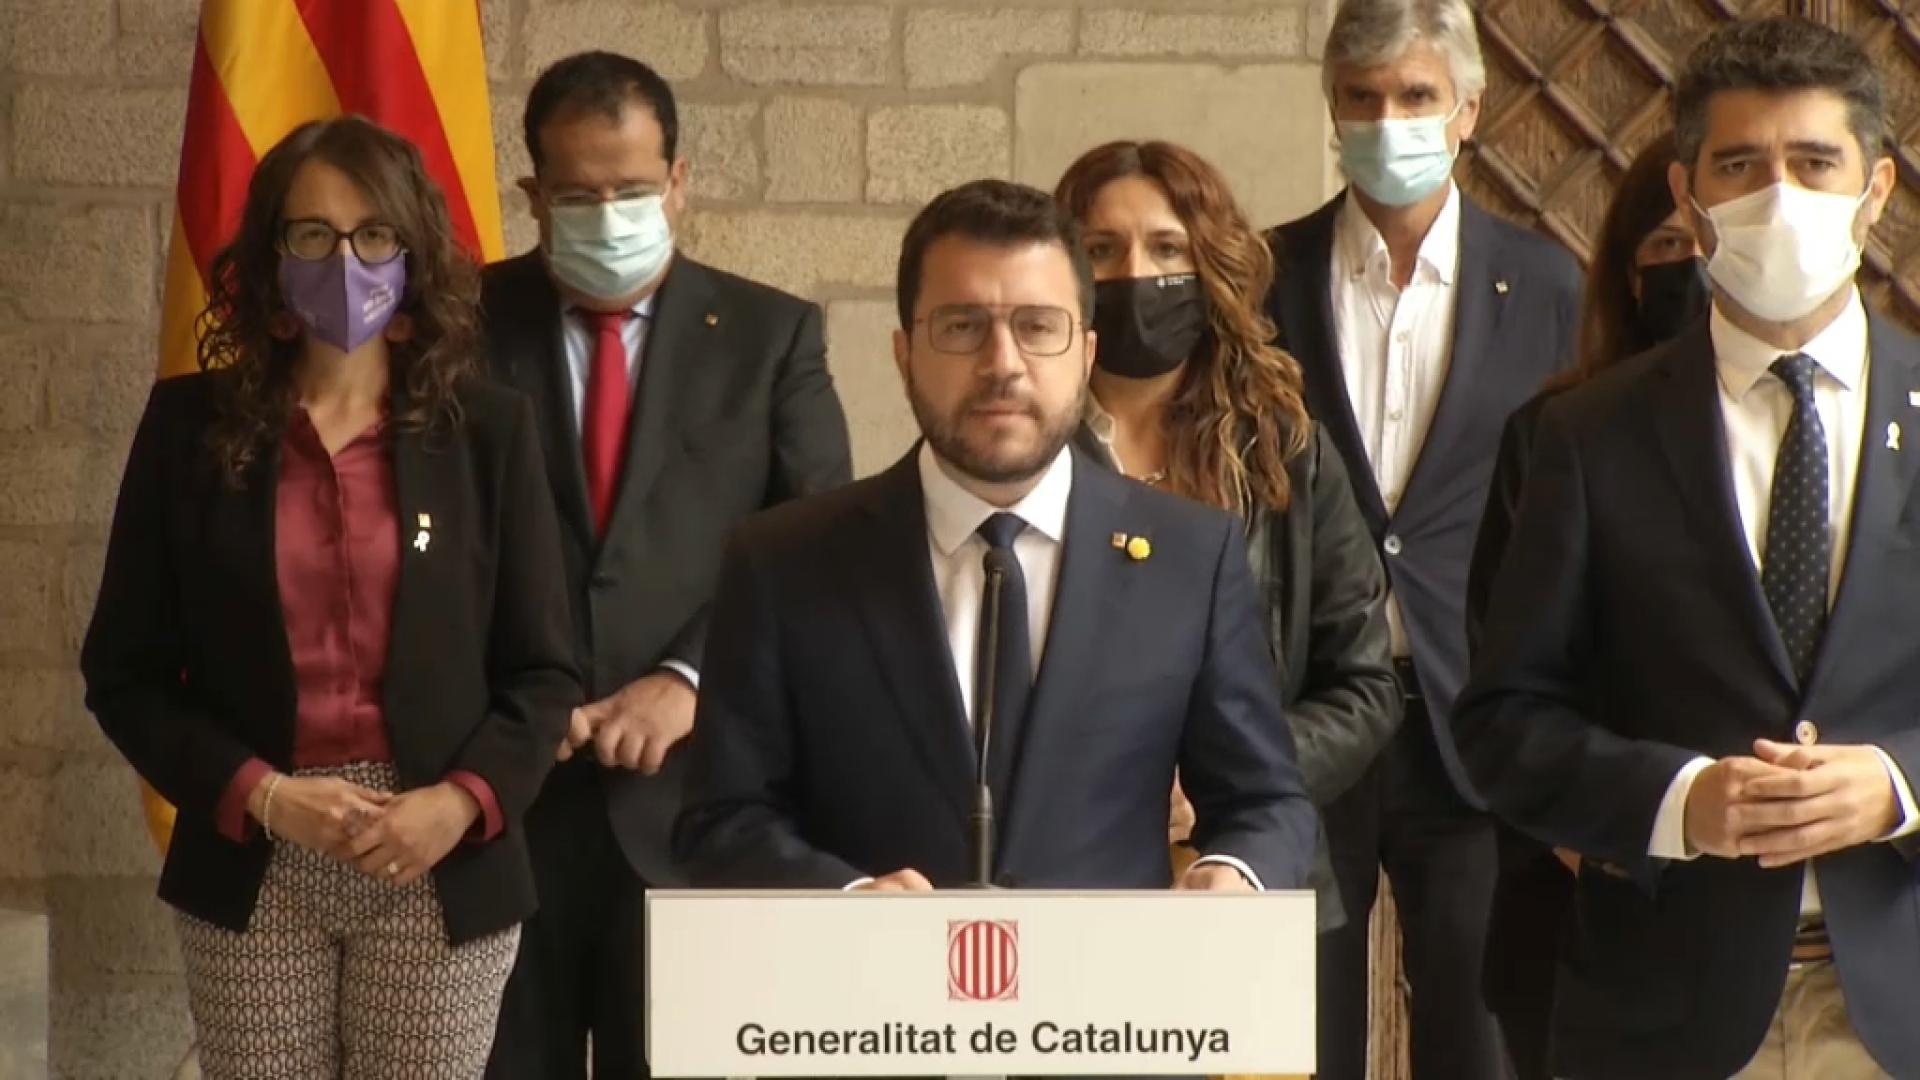 Pere+Aragon%C3%A8s+demana+l%26apos%3Balliberament+inmediat+de+Puigdemont